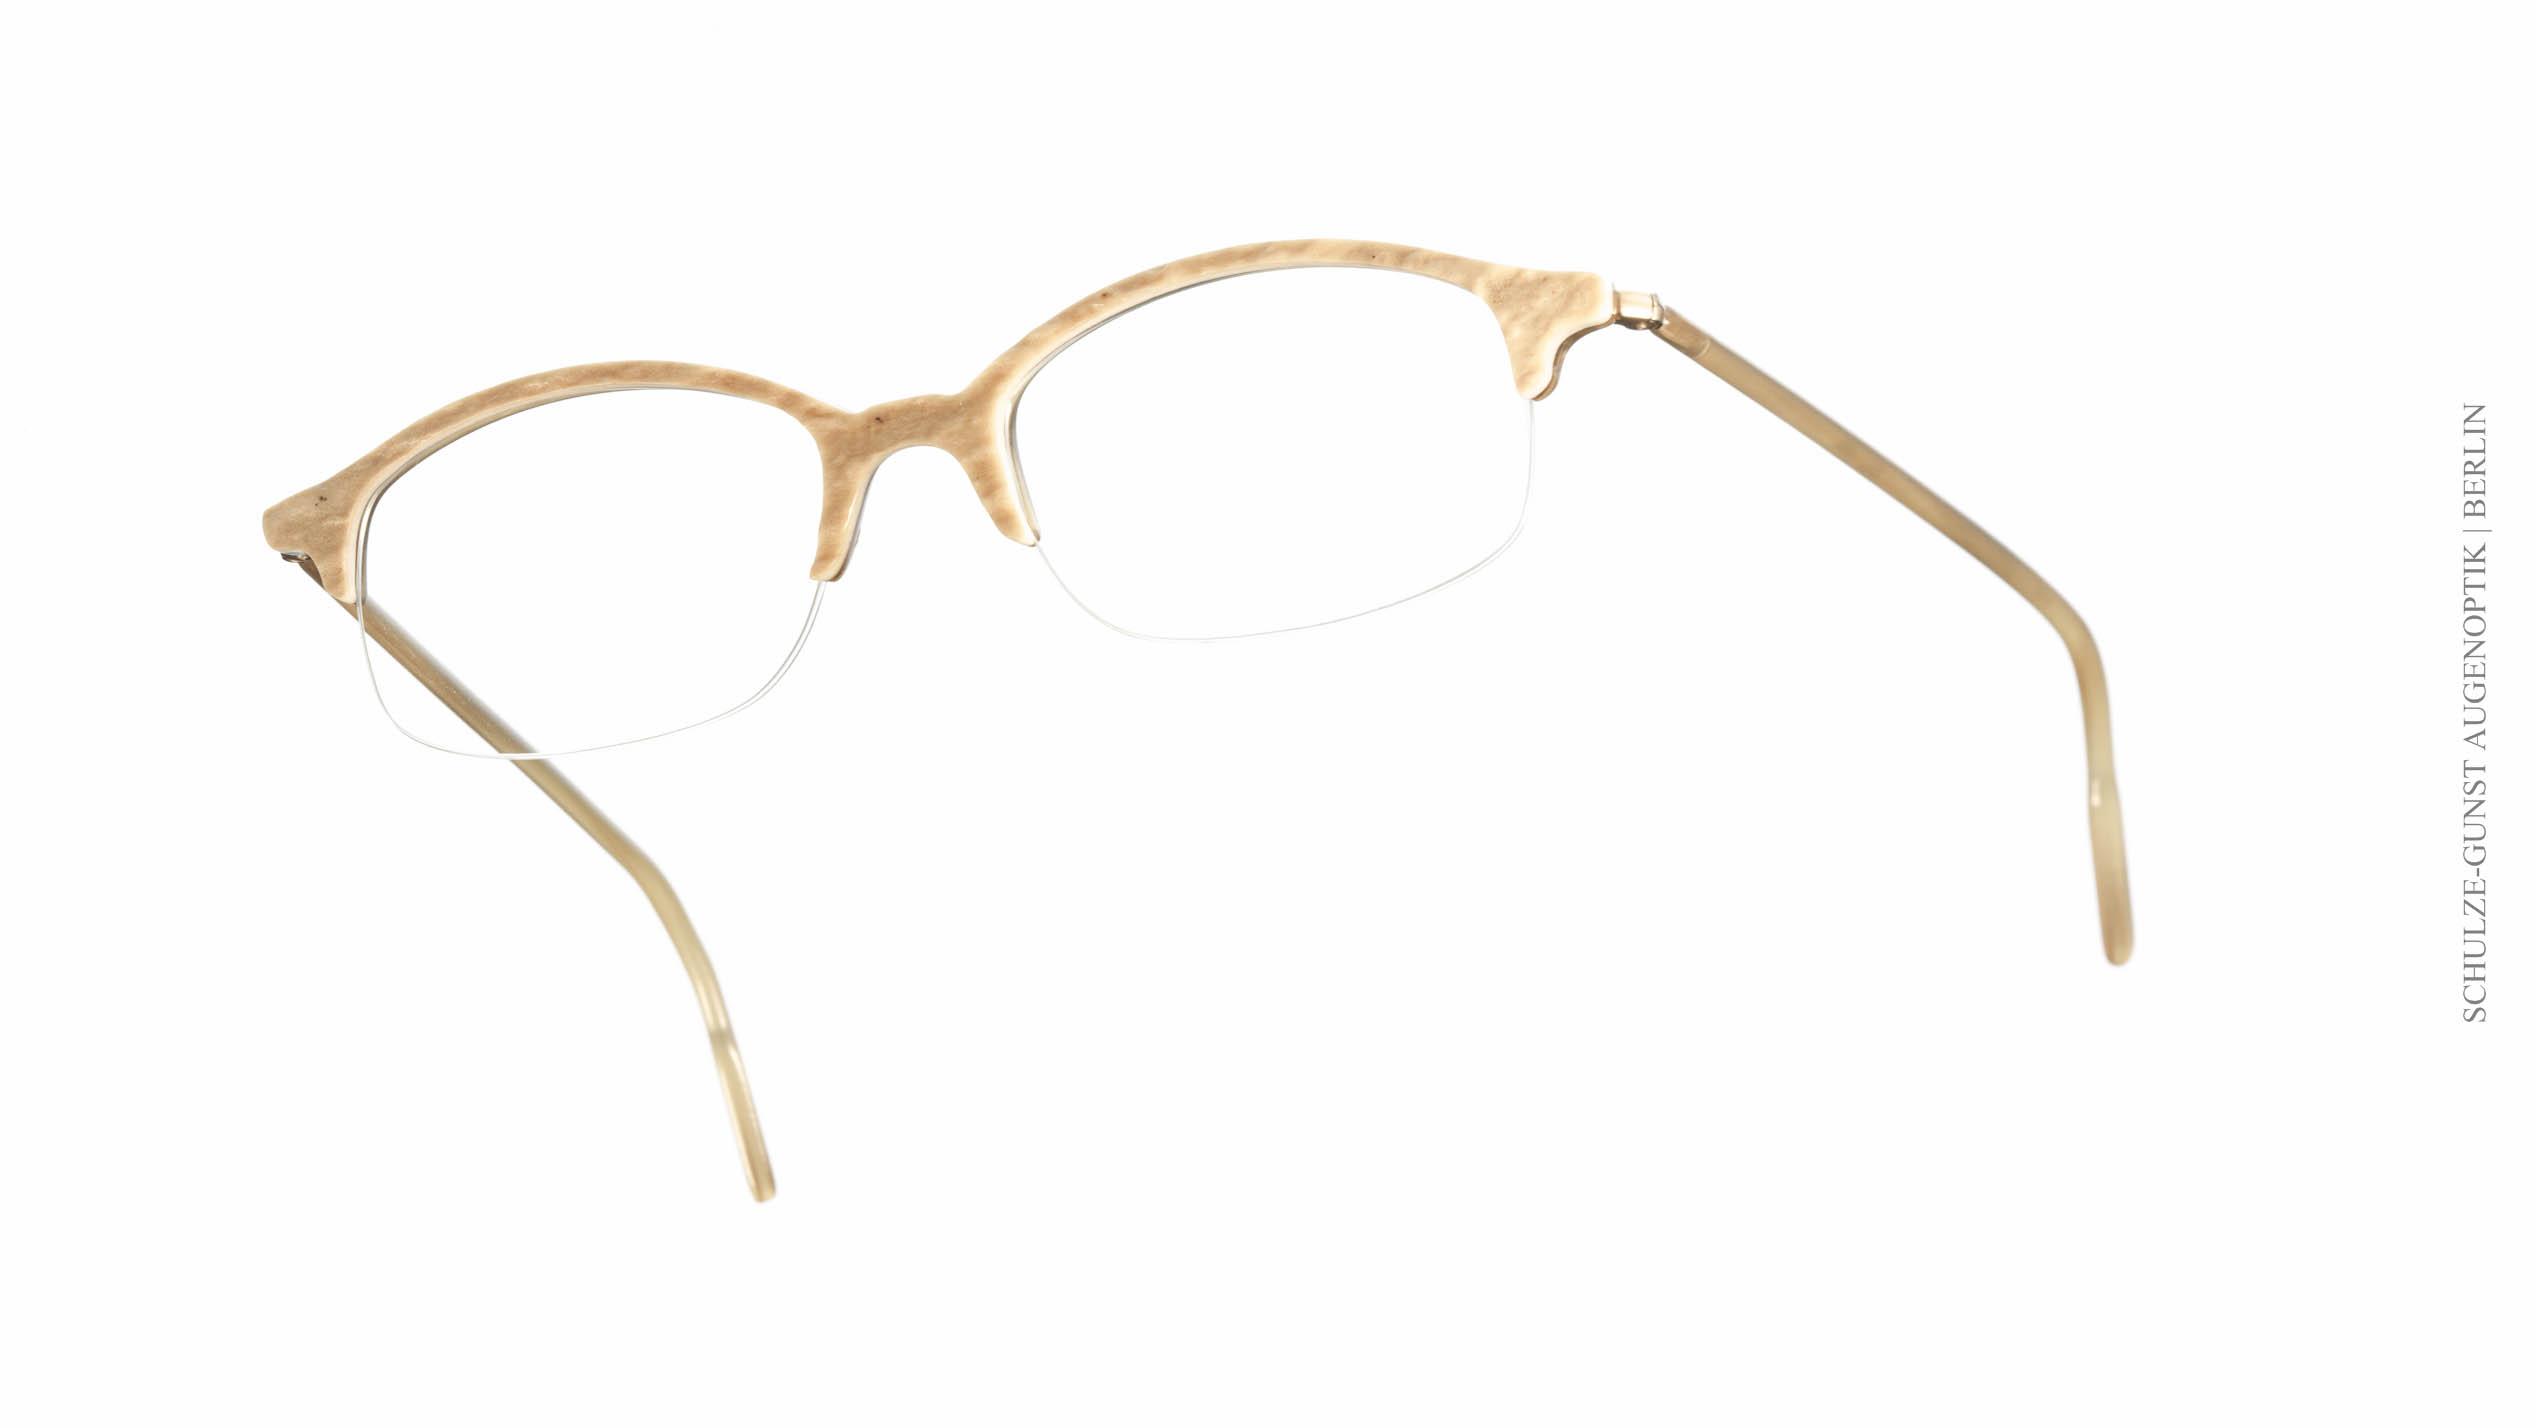 0122 – Hoffmann / Hirsch - SCHULZE-GUNST Augenoptik seit 1894